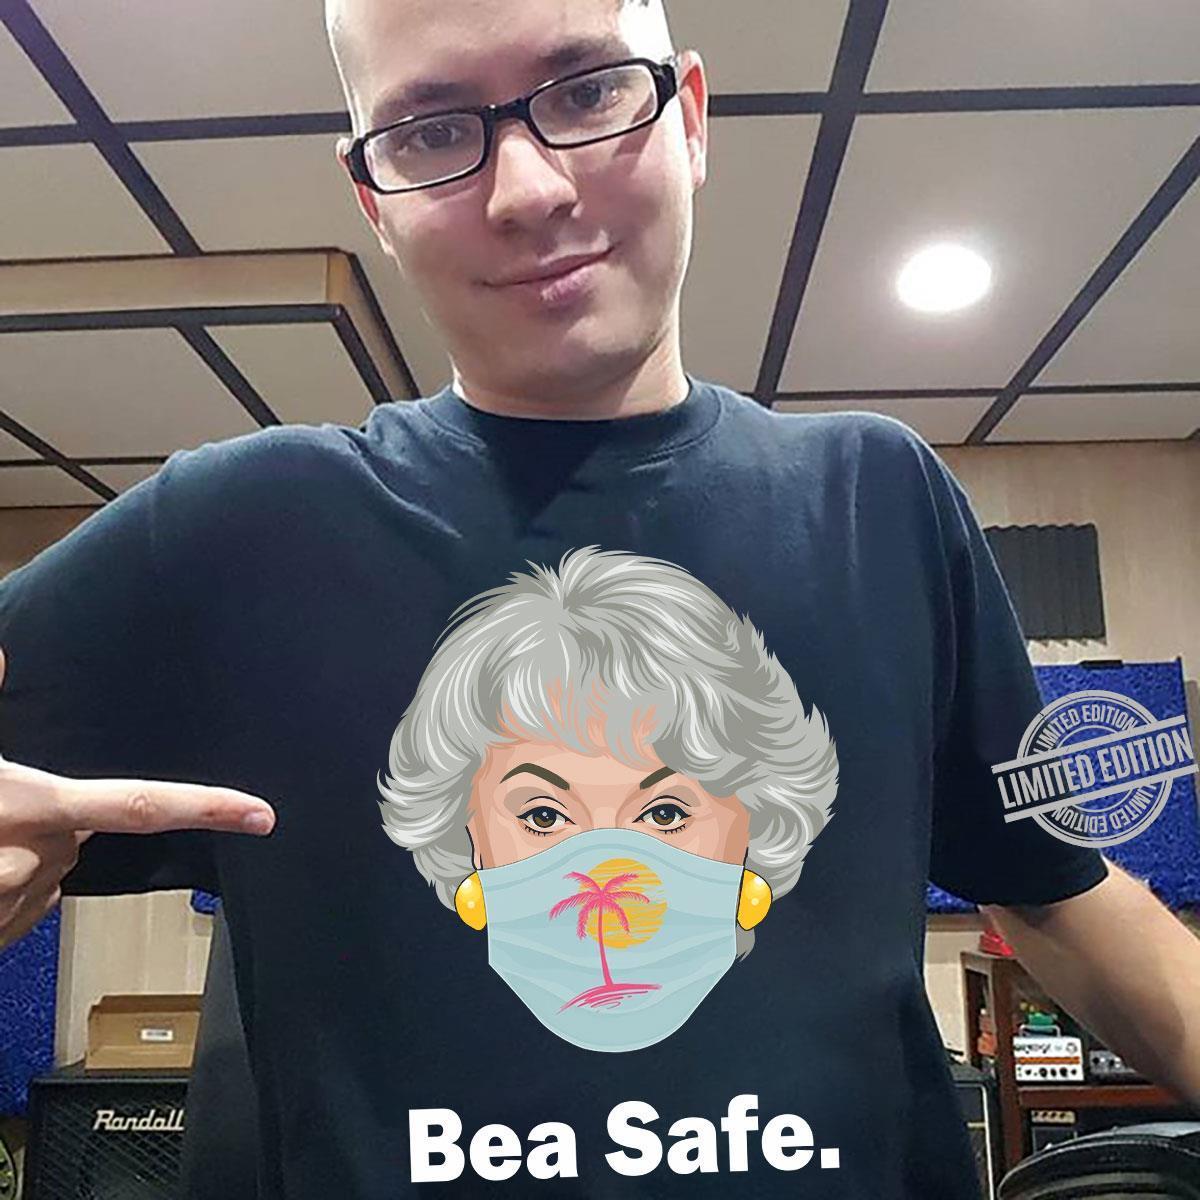 A Girl And Mask Bea Safe Shirt